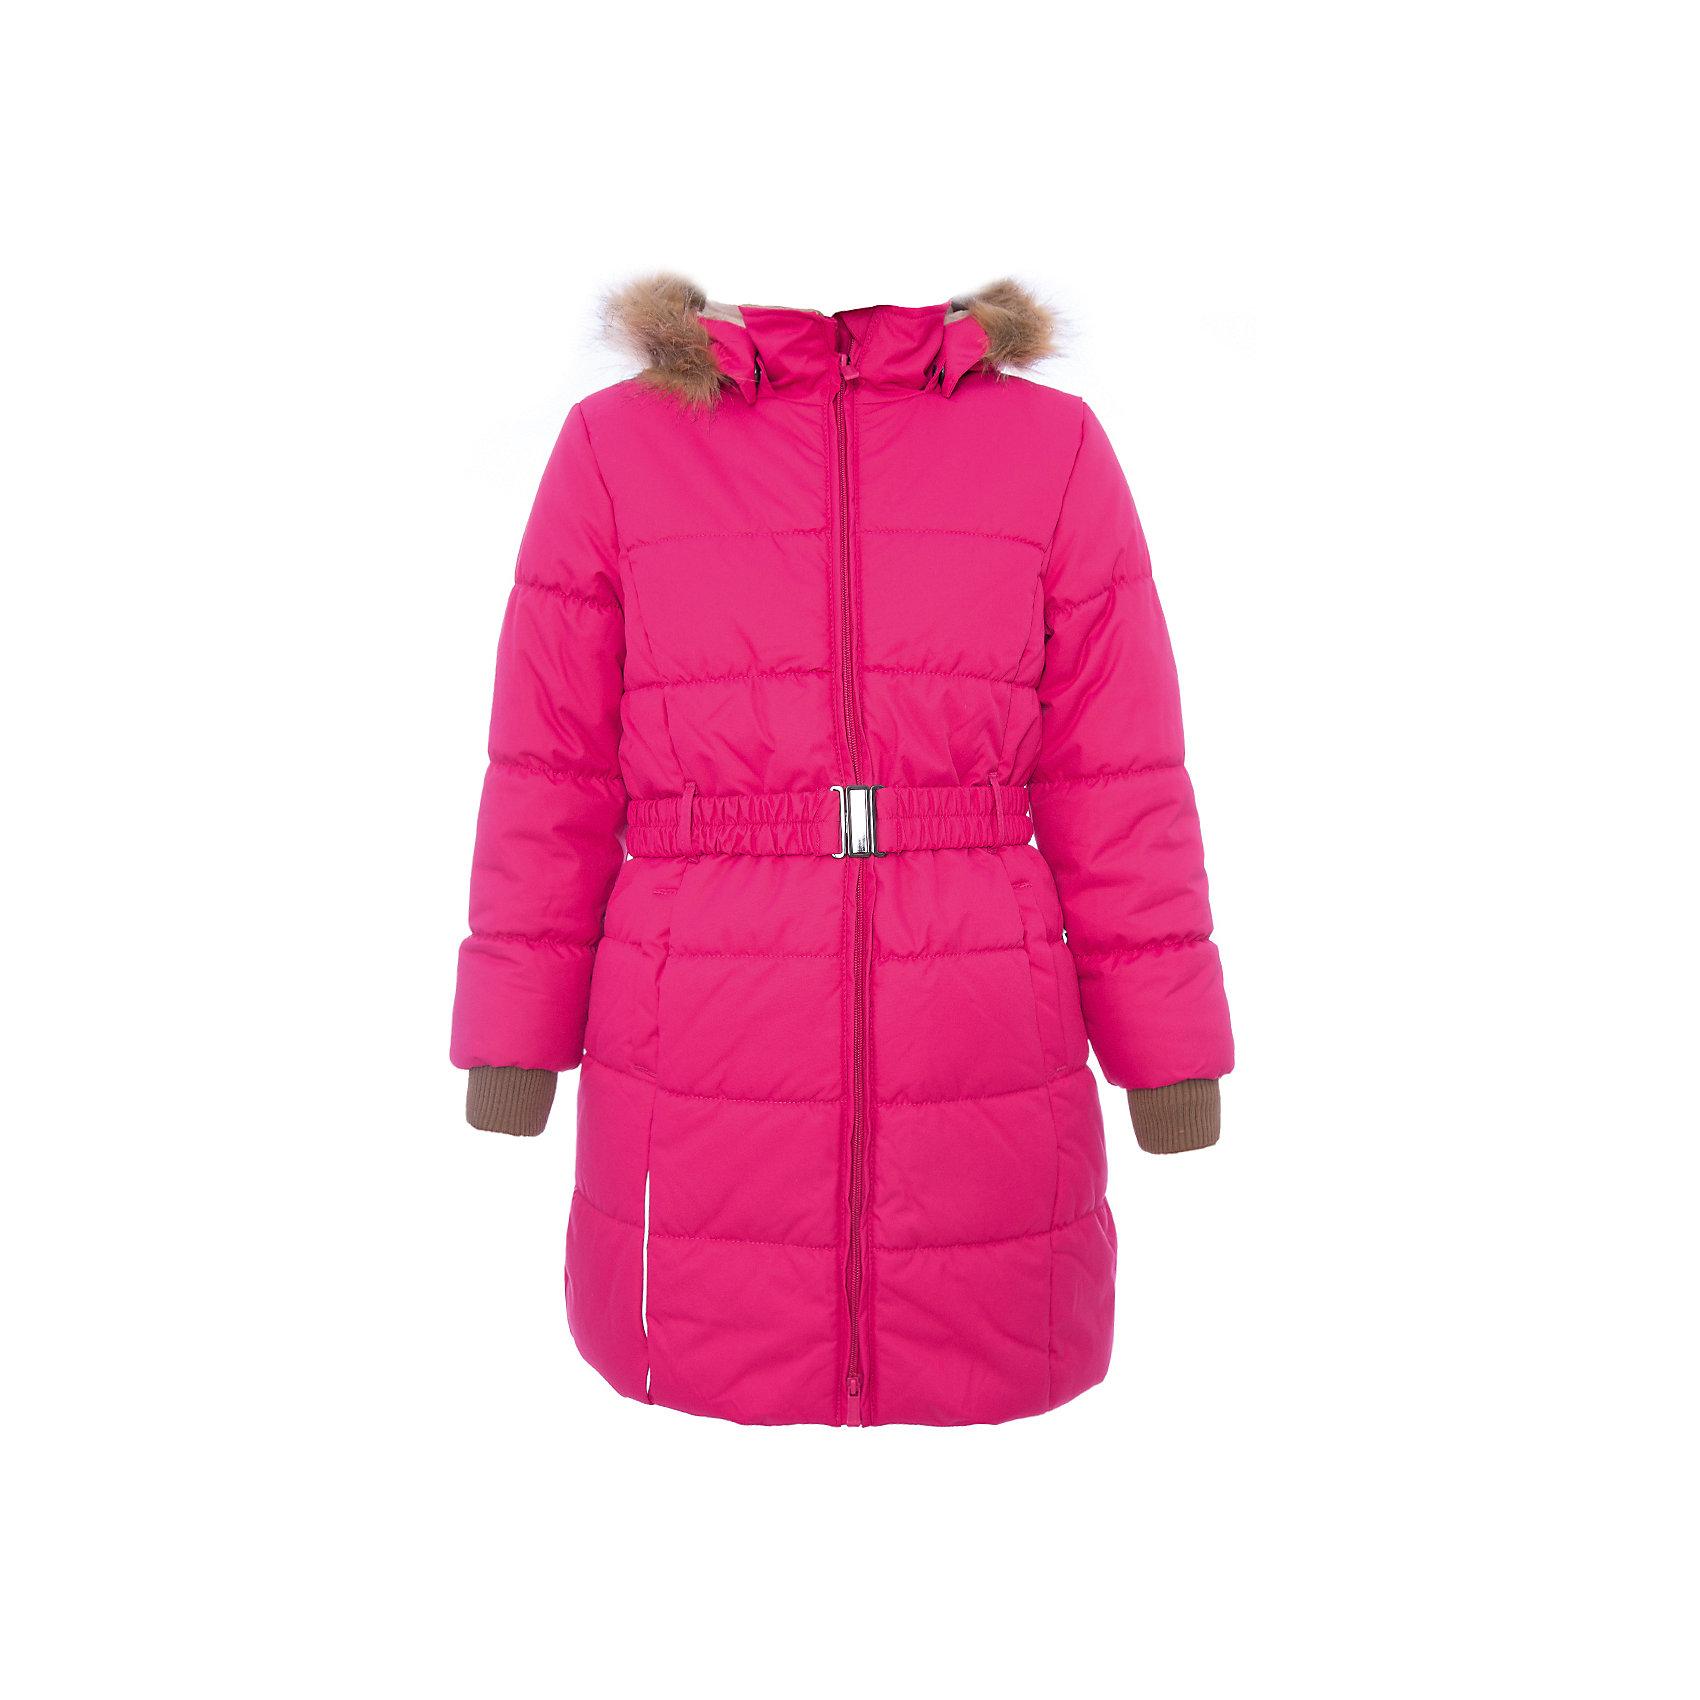 Пальто YACARANDA Huppa для девочкиЗимние куртки<br>Куртка для девочек YACARANDA.Водо и воздухонепроницаемость 10 000. Утеплитель 300 гр. Подкладка тафта, флис 100% полиэстер. Отстегивающийся капюшон с мехом. Внутренний манжет рукава.Вязаные детали.Двухсторонняя молния. Имеются светоотражательные детали.<br>Состав:<br>100% Полиэстер<br><br>Ширина мм: 356<br>Глубина мм: 10<br>Высота мм: 245<br>Вес г: 519<br>Цвет: фуксия<br>Возраст от месяцев: 144<br>Возраст до месяцев: 156<br>Пол: Женский<br>Возраст: Детский<br>Размер: 158,164,170,128,104,110,116,122,134,140,146,152<br>SKU: 7027427